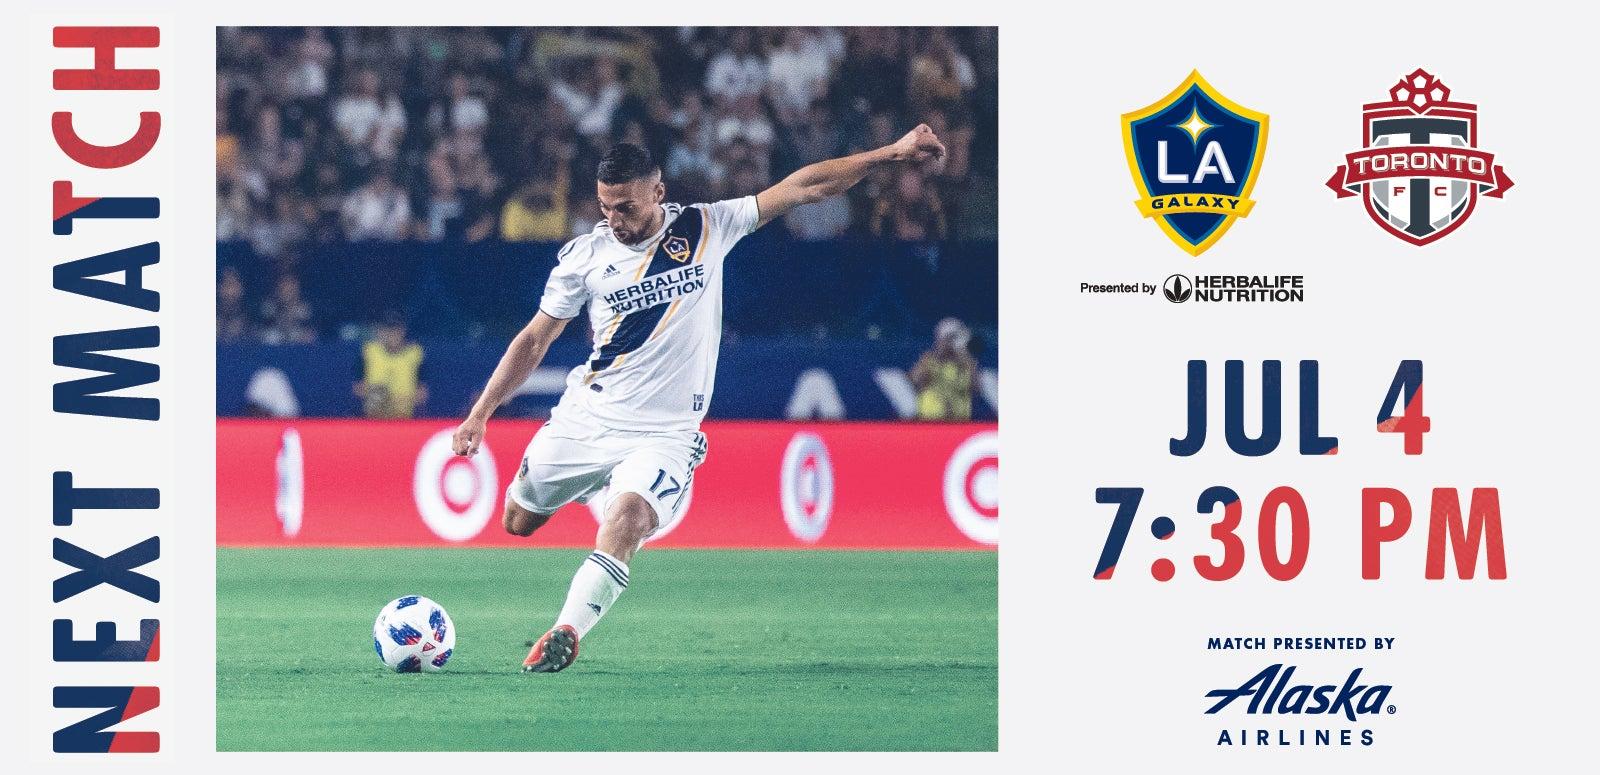 LA Galaxy vs. Toronto FC